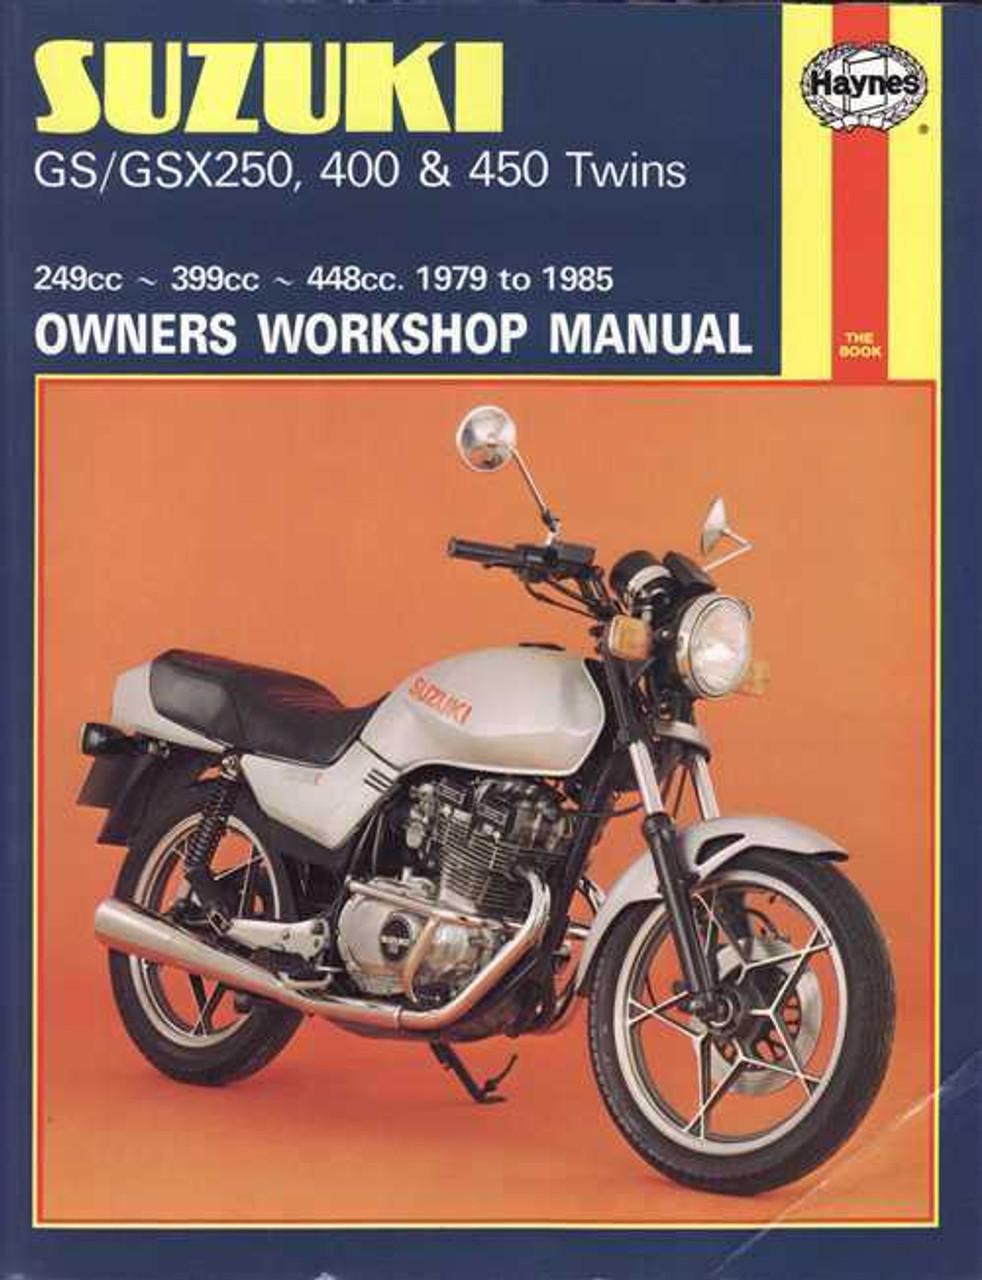 suzuki gs gsx250, 400 \u0026amp; 450 twins 1979 1985 workshop manualSuzuki Gsx250 1982 Z Electrical Schematic Partsfiche #11